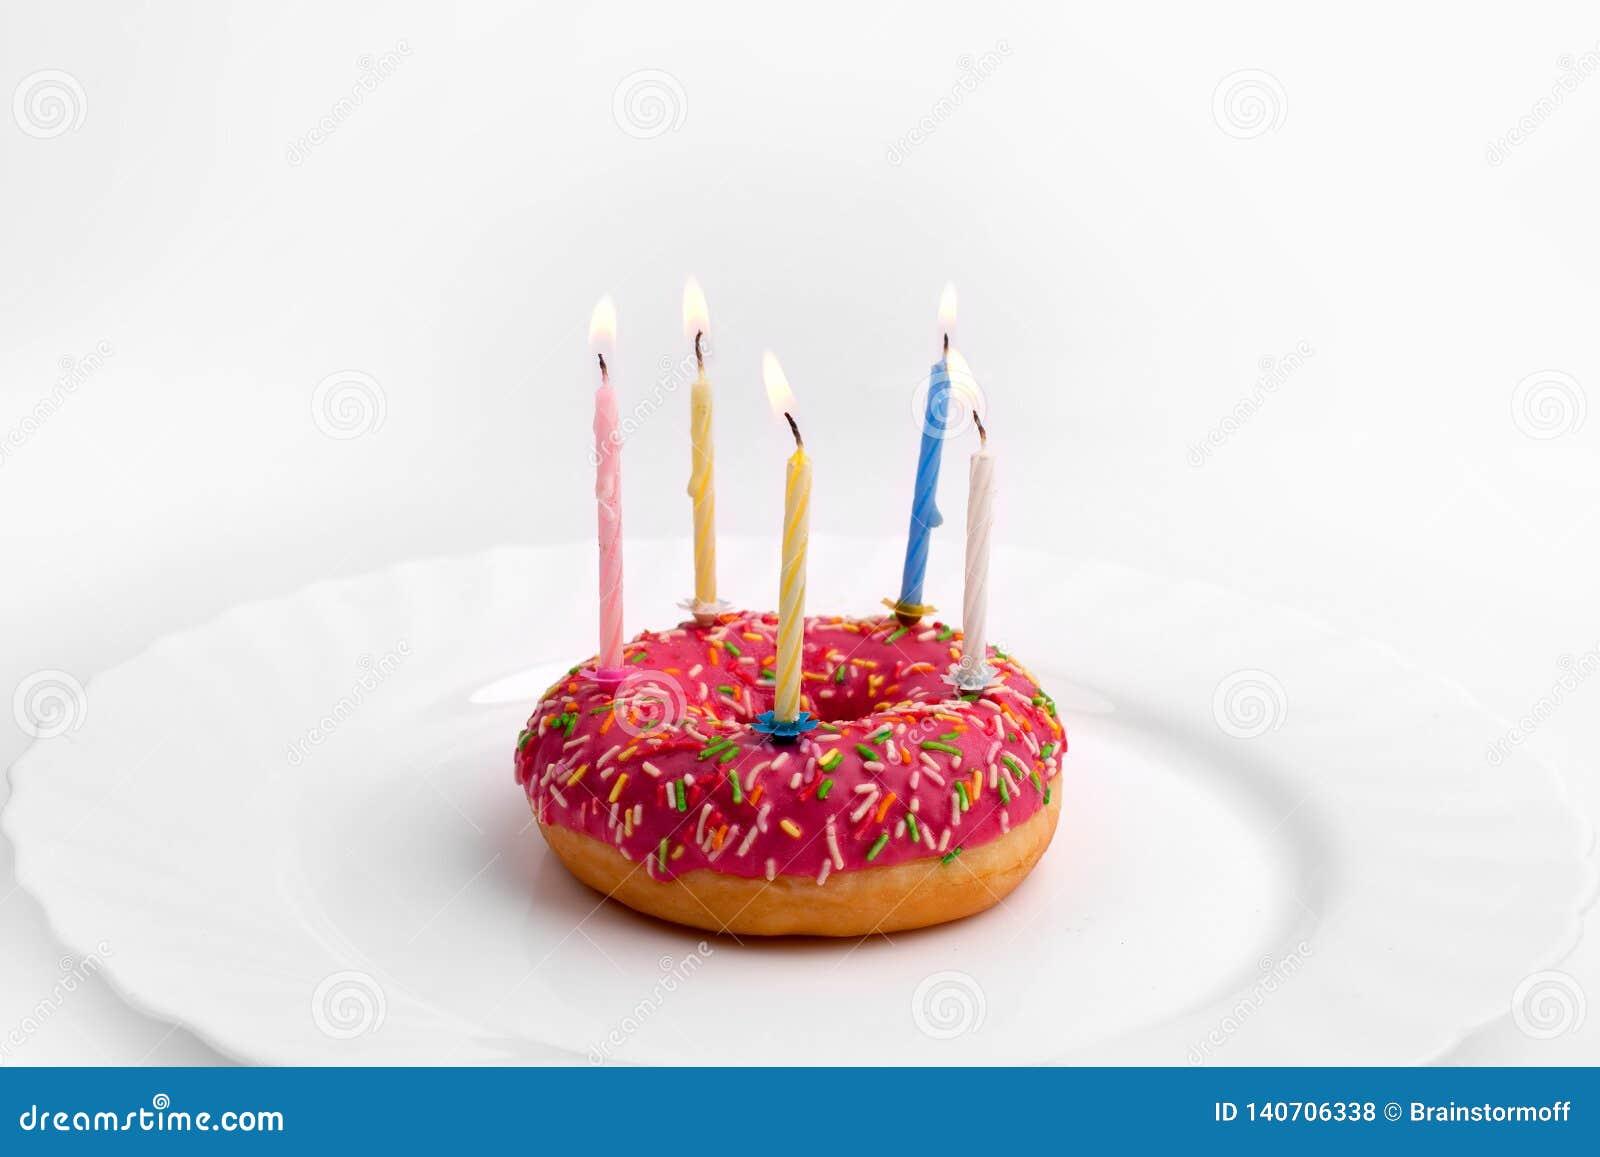 Rosa Donut auf weißer Platte wie Geburtstagskuchen mit Kerzen auf weißem Hintergrund